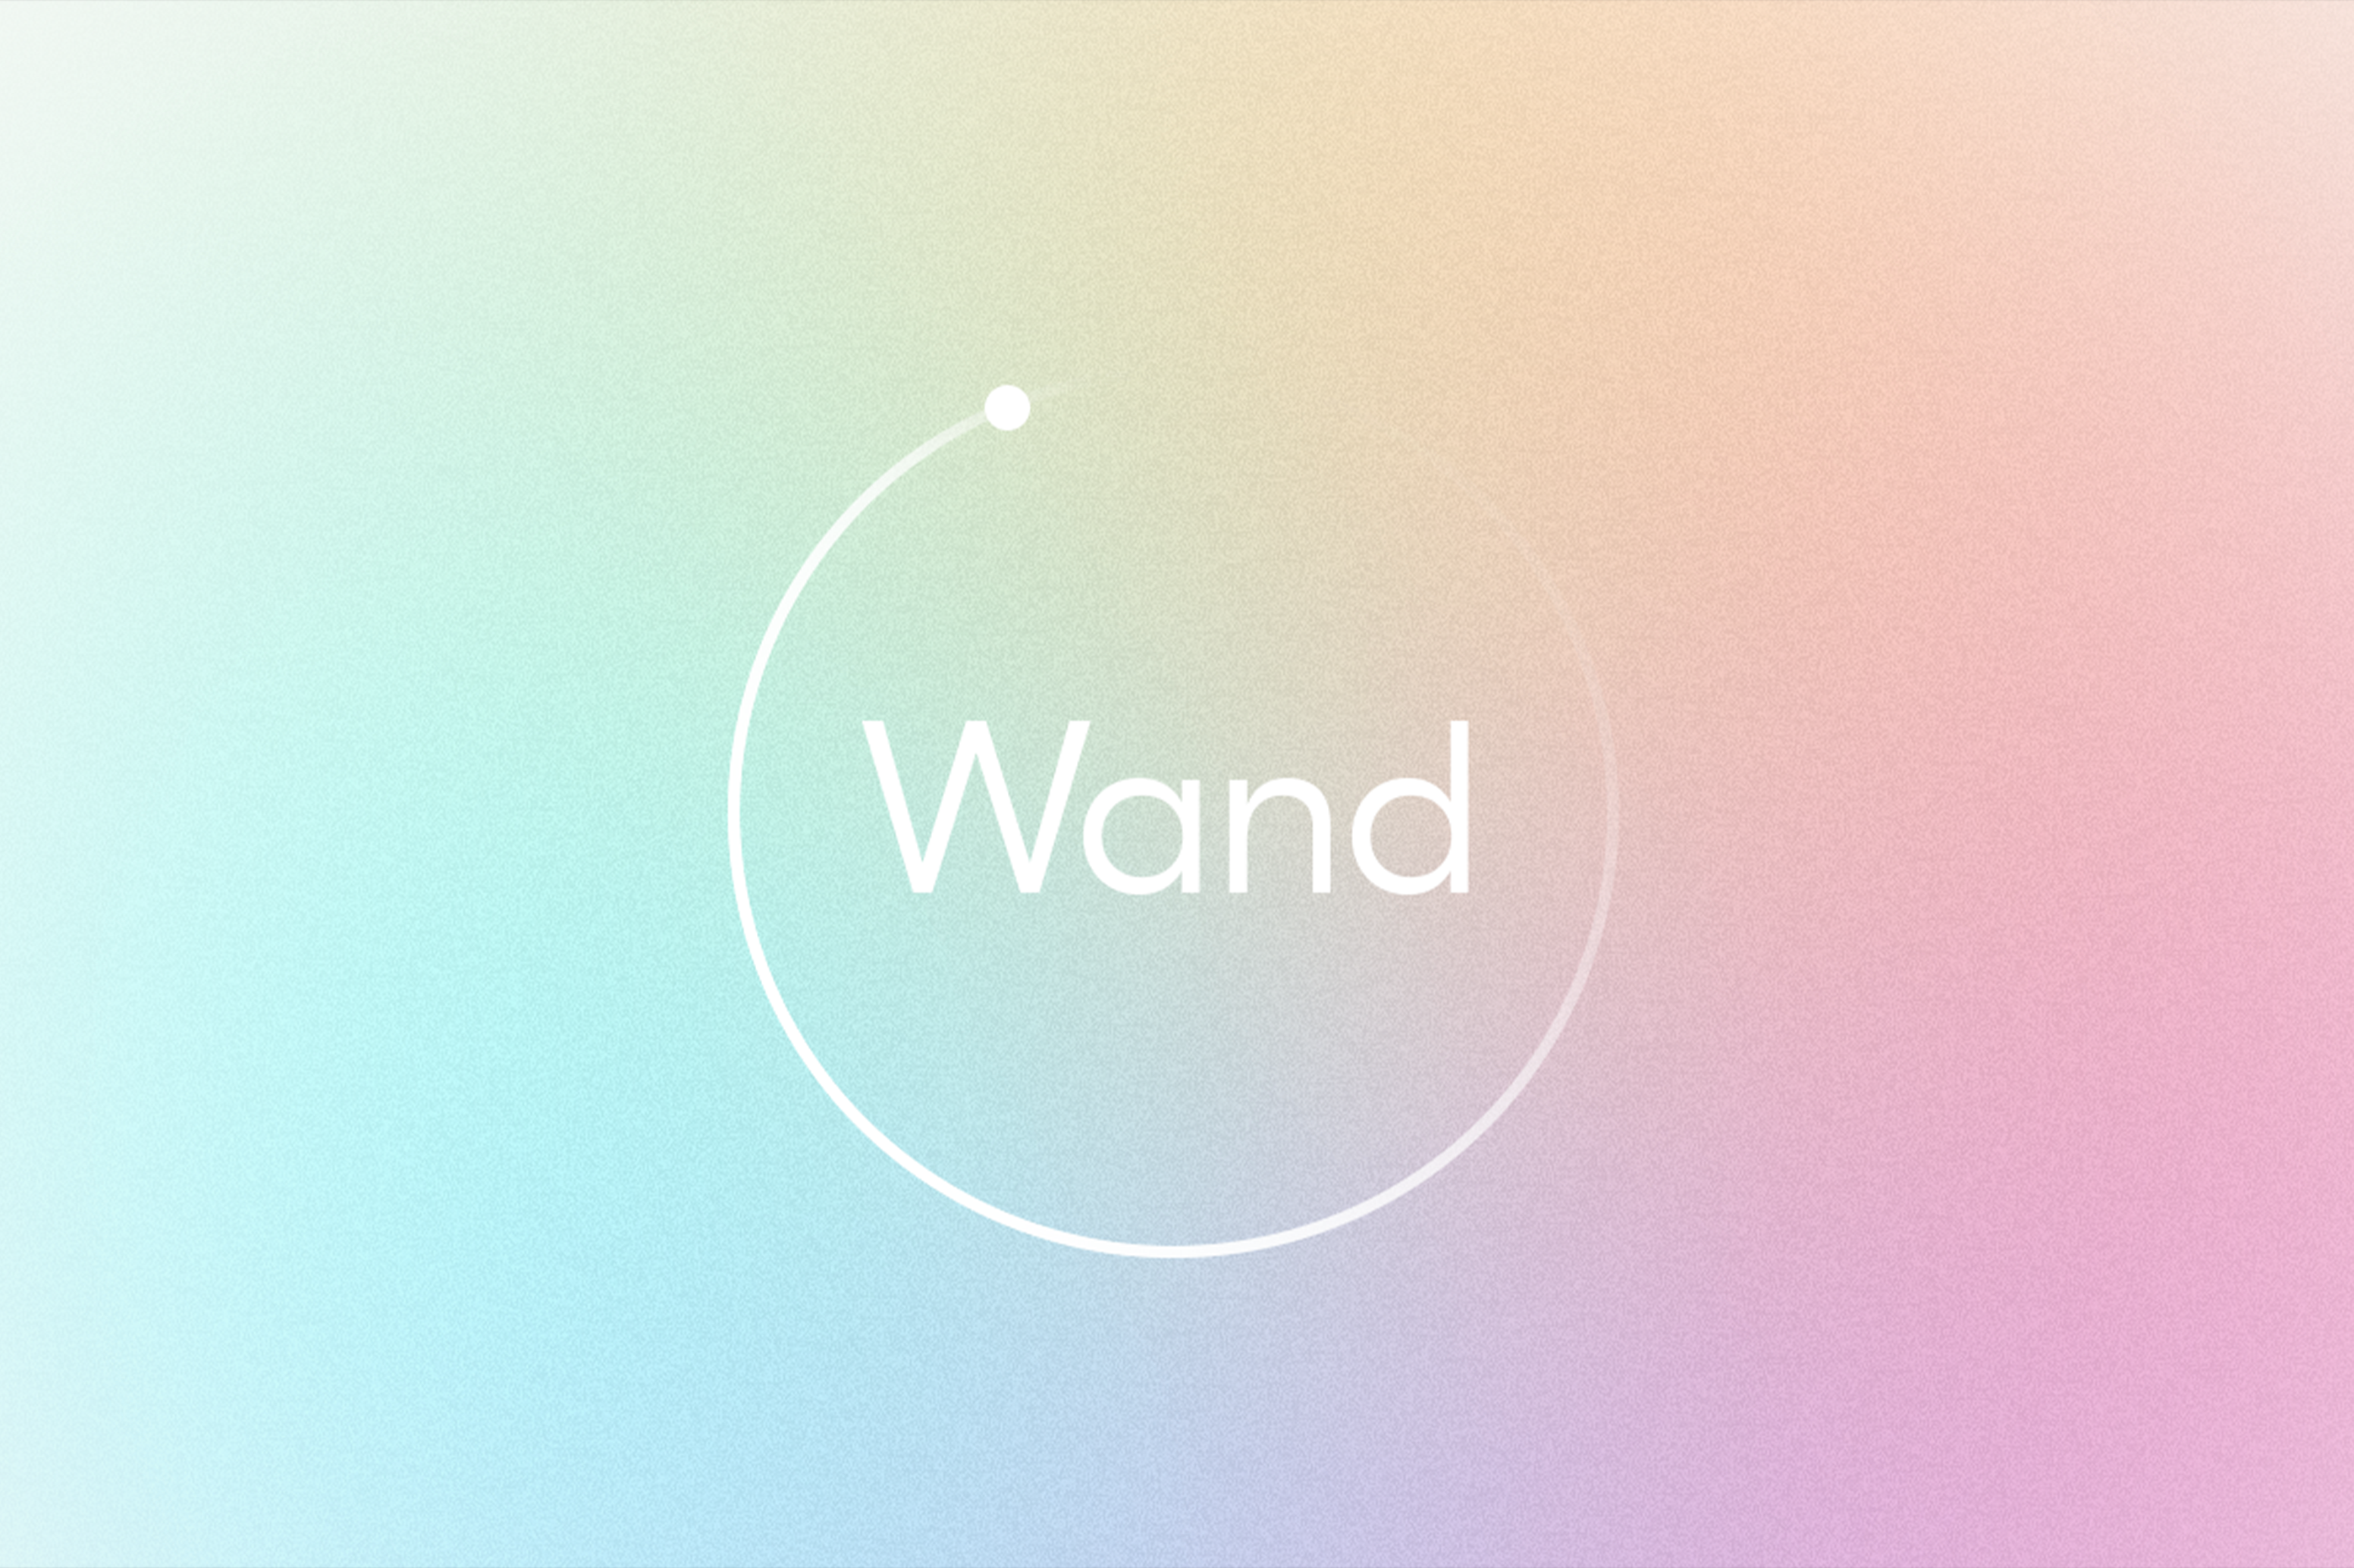 Wand - Smart home